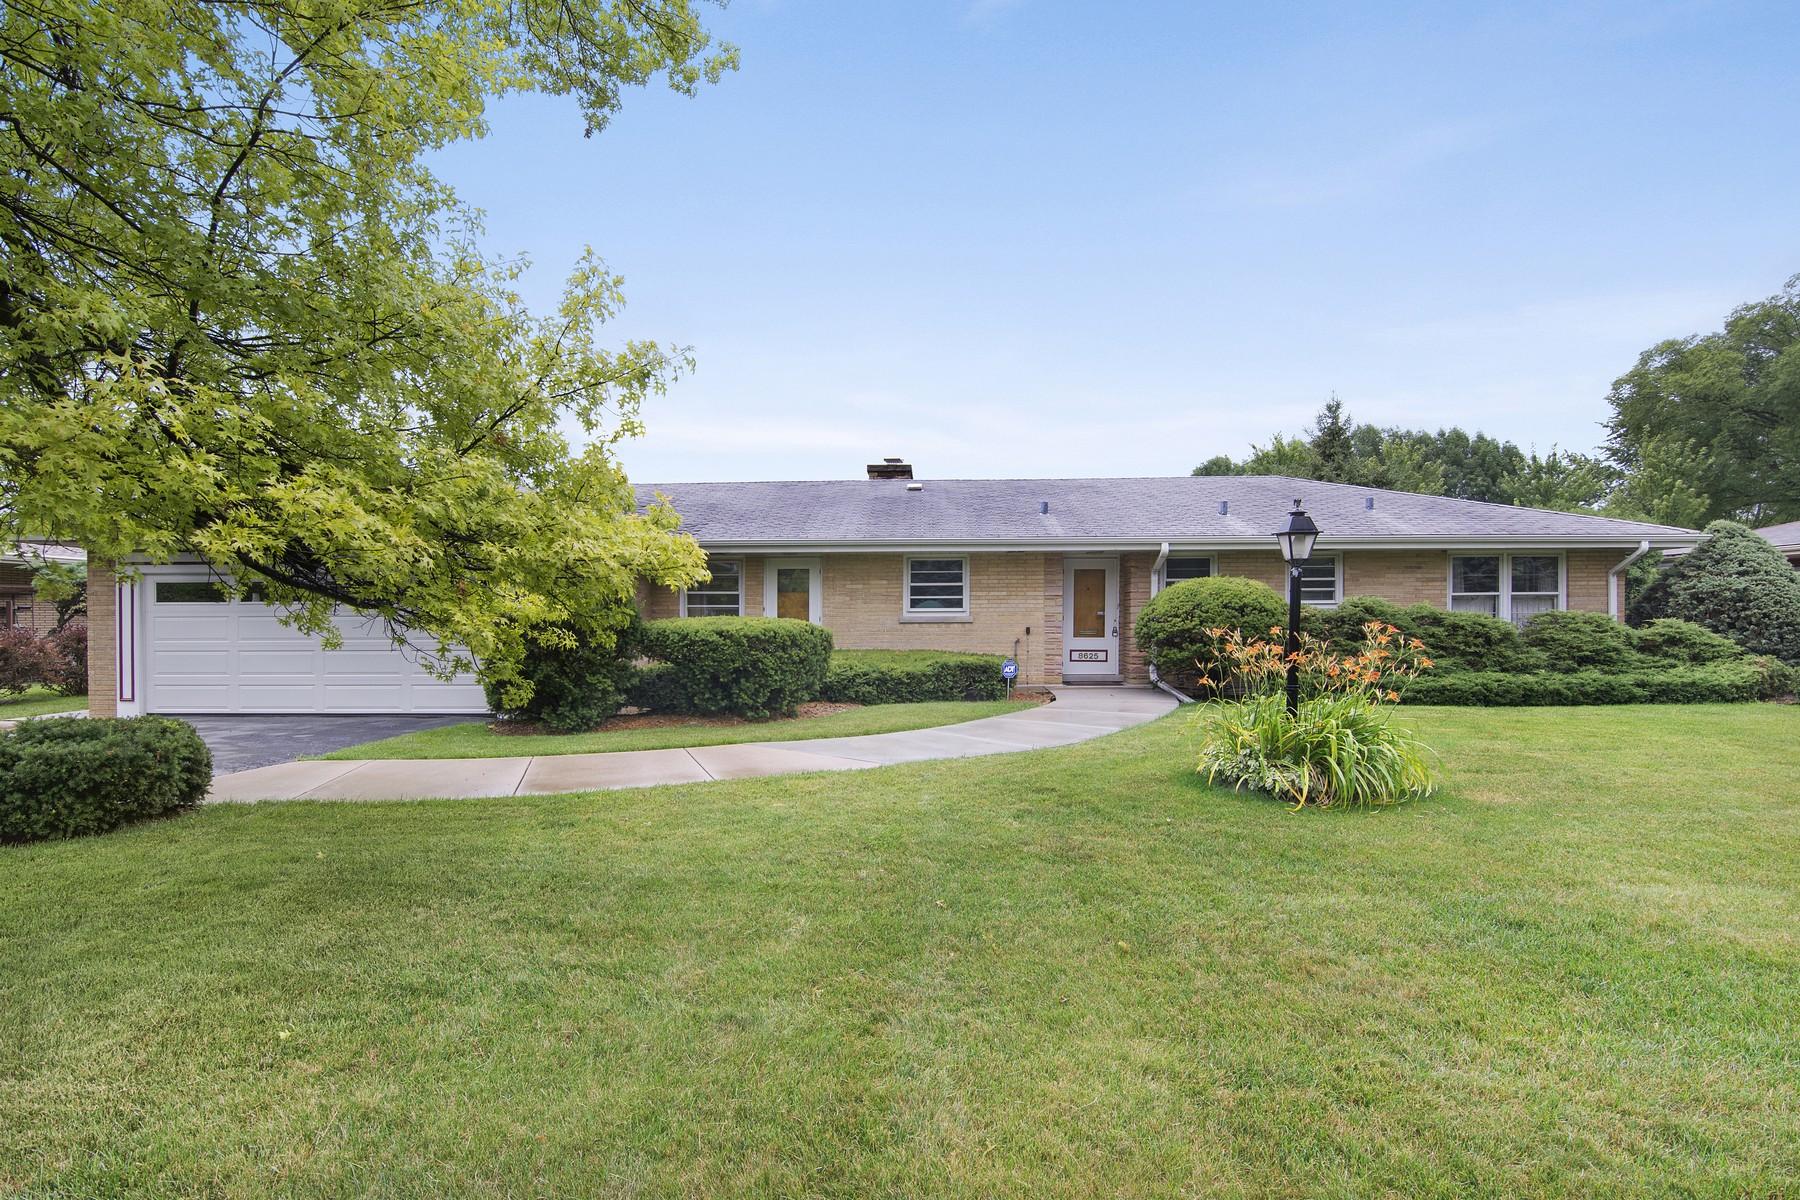 Maison unifamiliale pour l Vente à Lovely Ranch Home 8625 Skokie Boulevard Skokie, Illinois, 60077 États-Unis